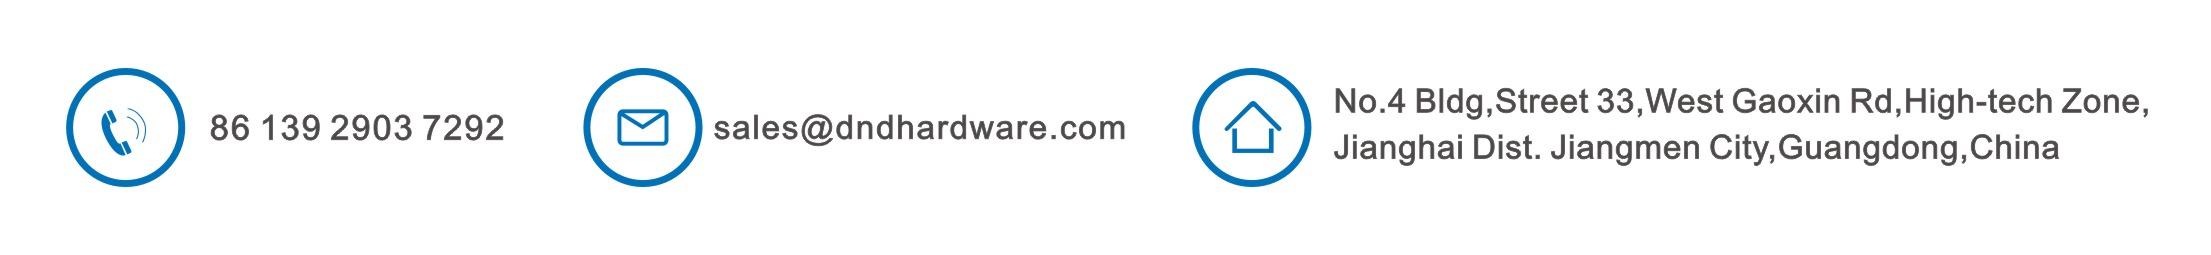 contact D&D Hardware